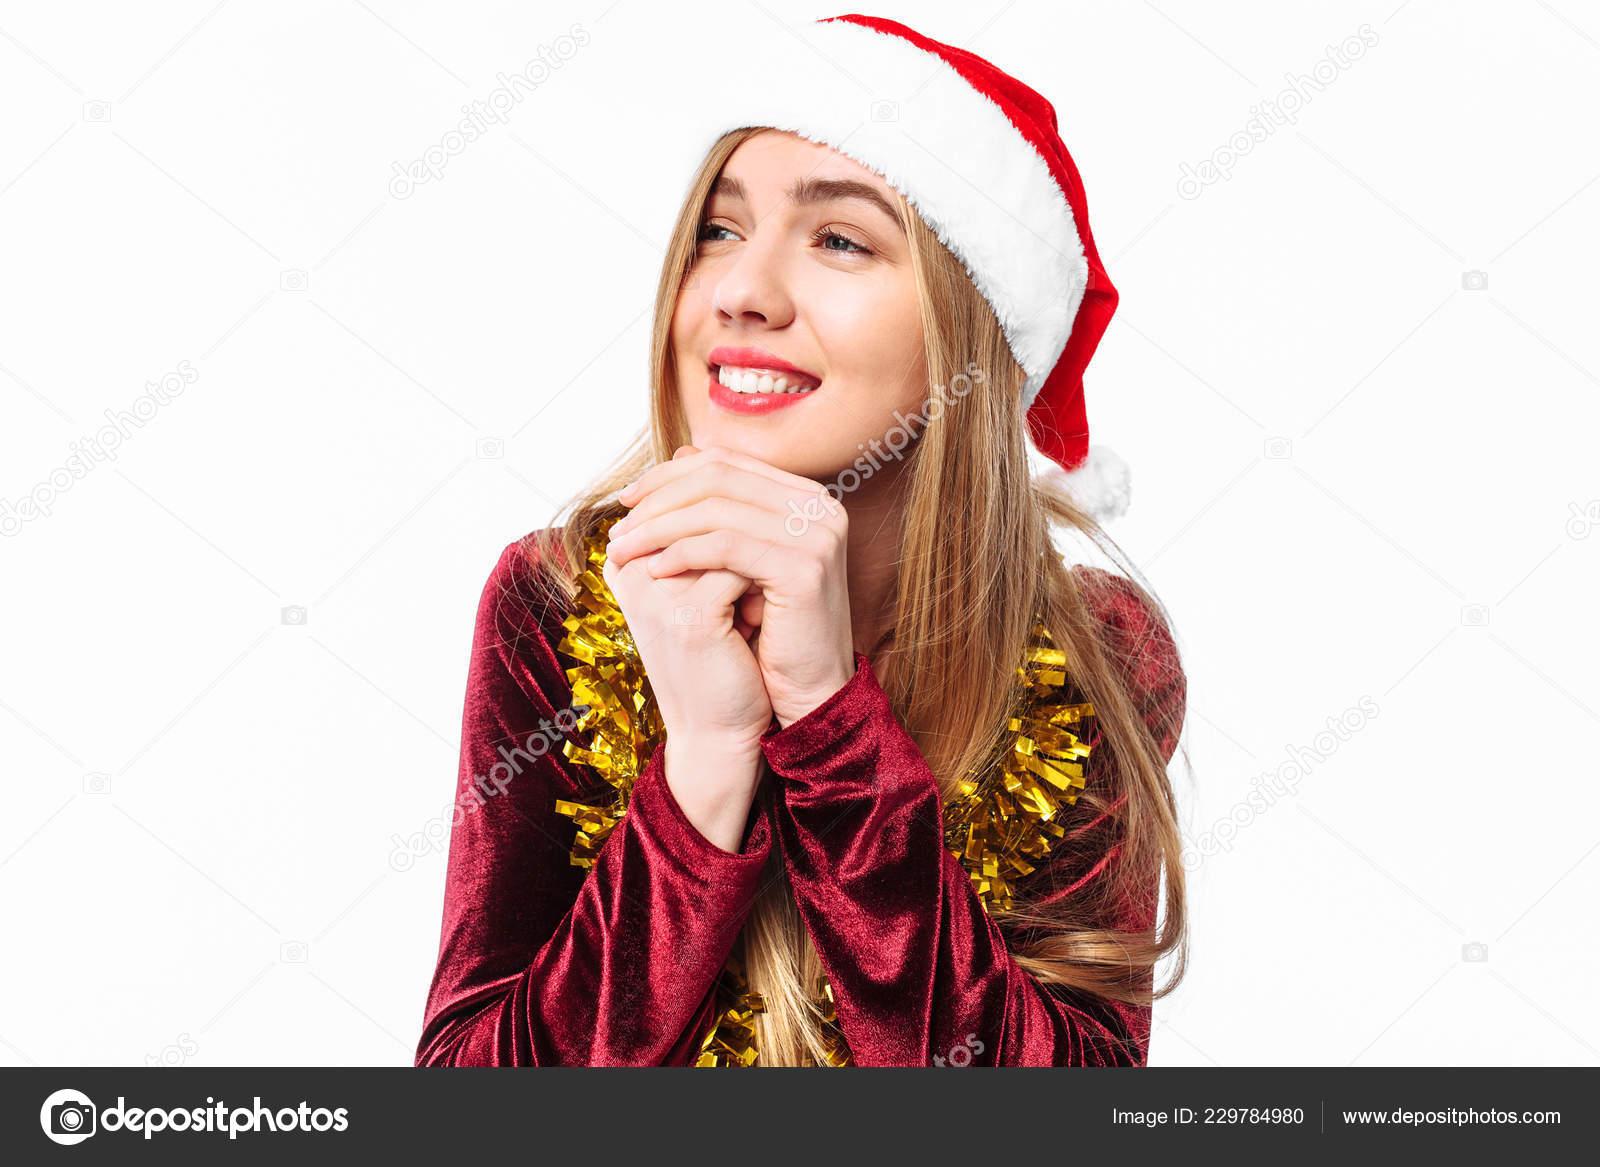 f456d8bd3d914 Beautiful Cute Girl Hat Santa Claus Dress Dreams Looks Away– stock image